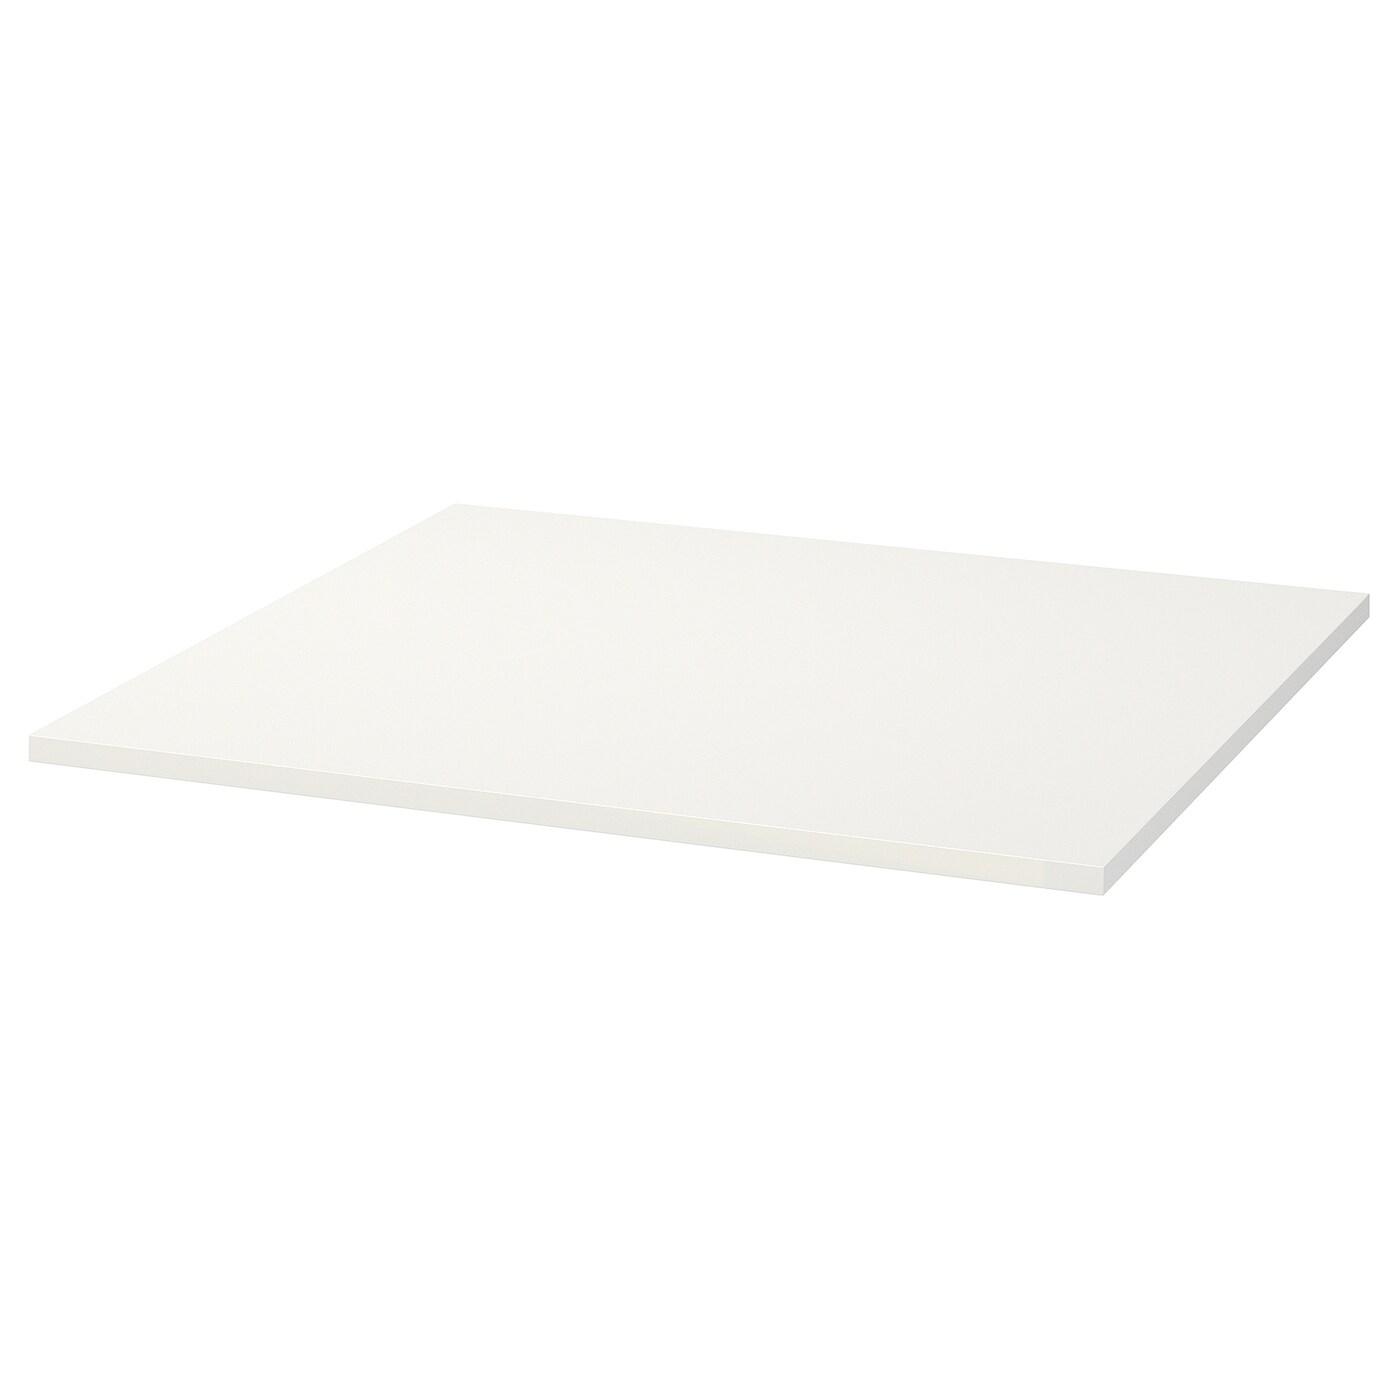 MELLTORP Tischplatte weiß 75x75 cm